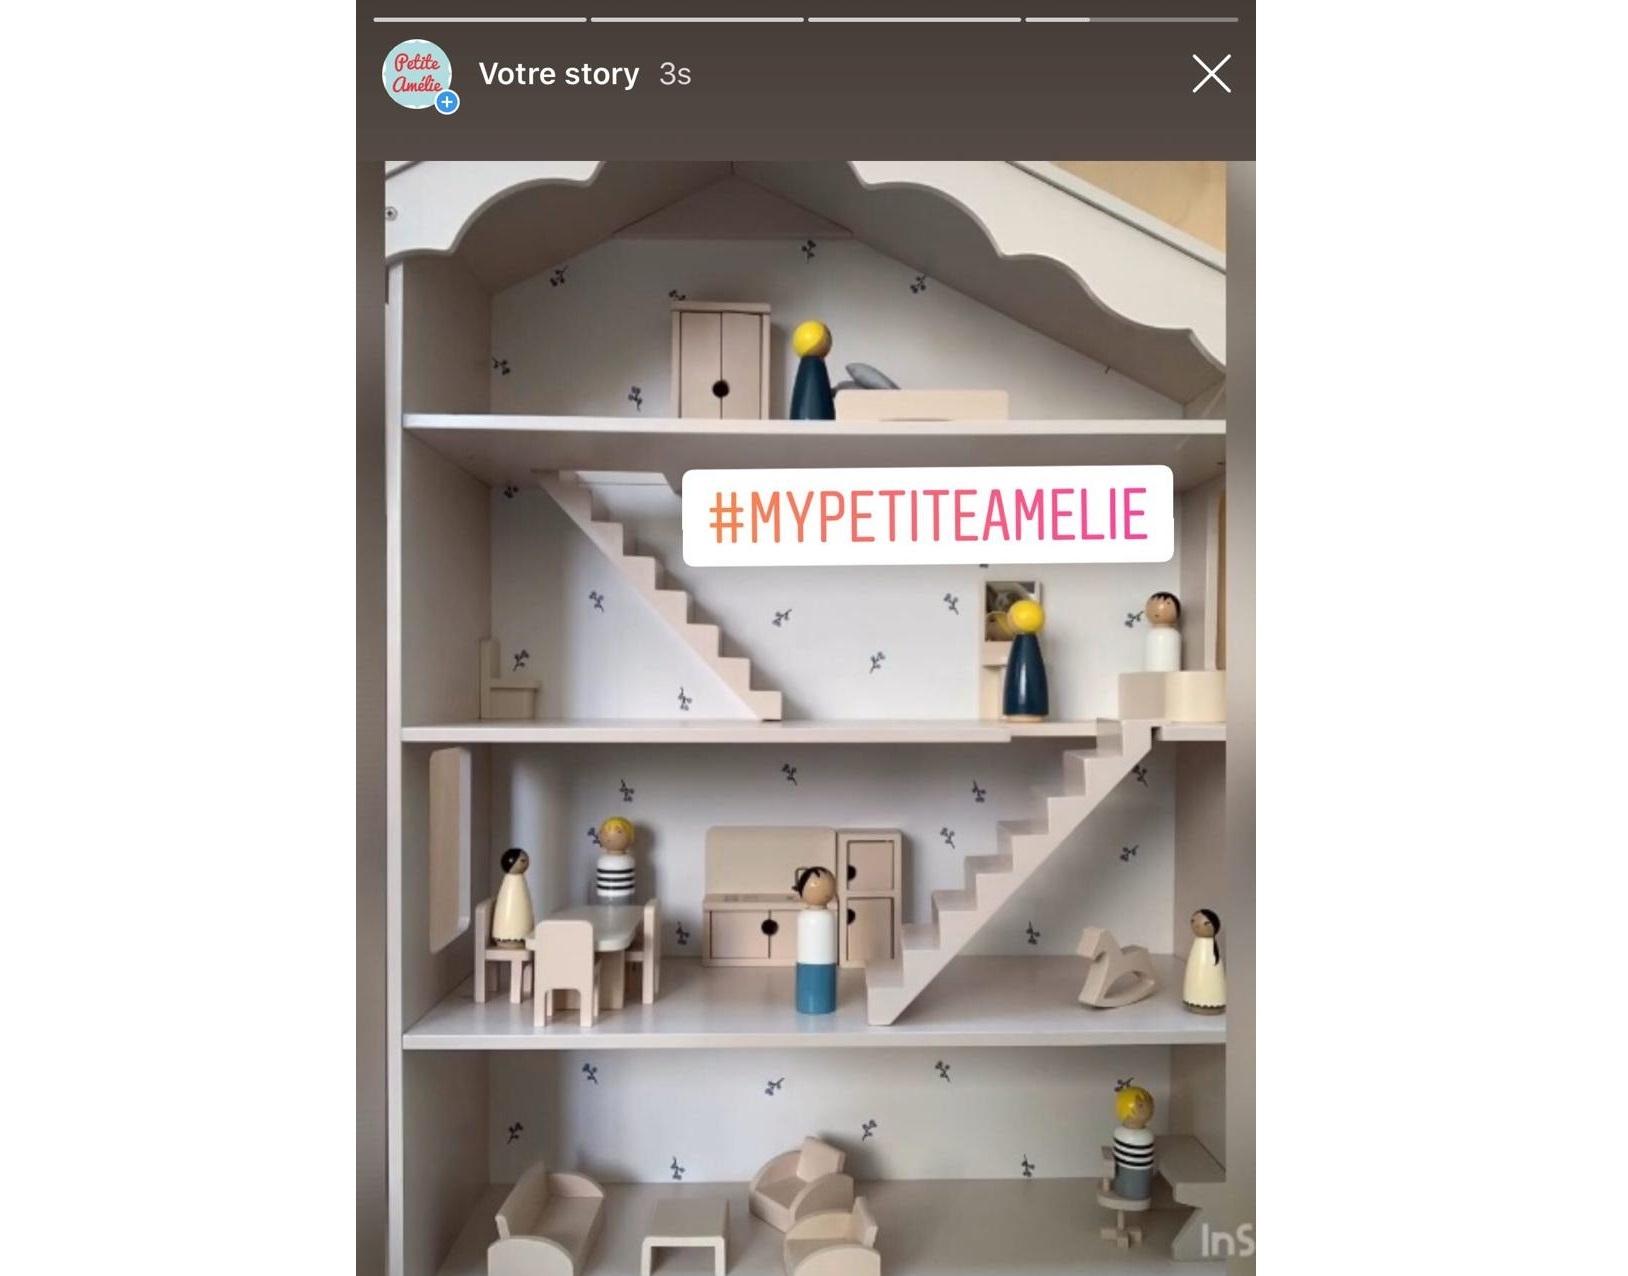 Crée votre animation avec maison Petite Amélie